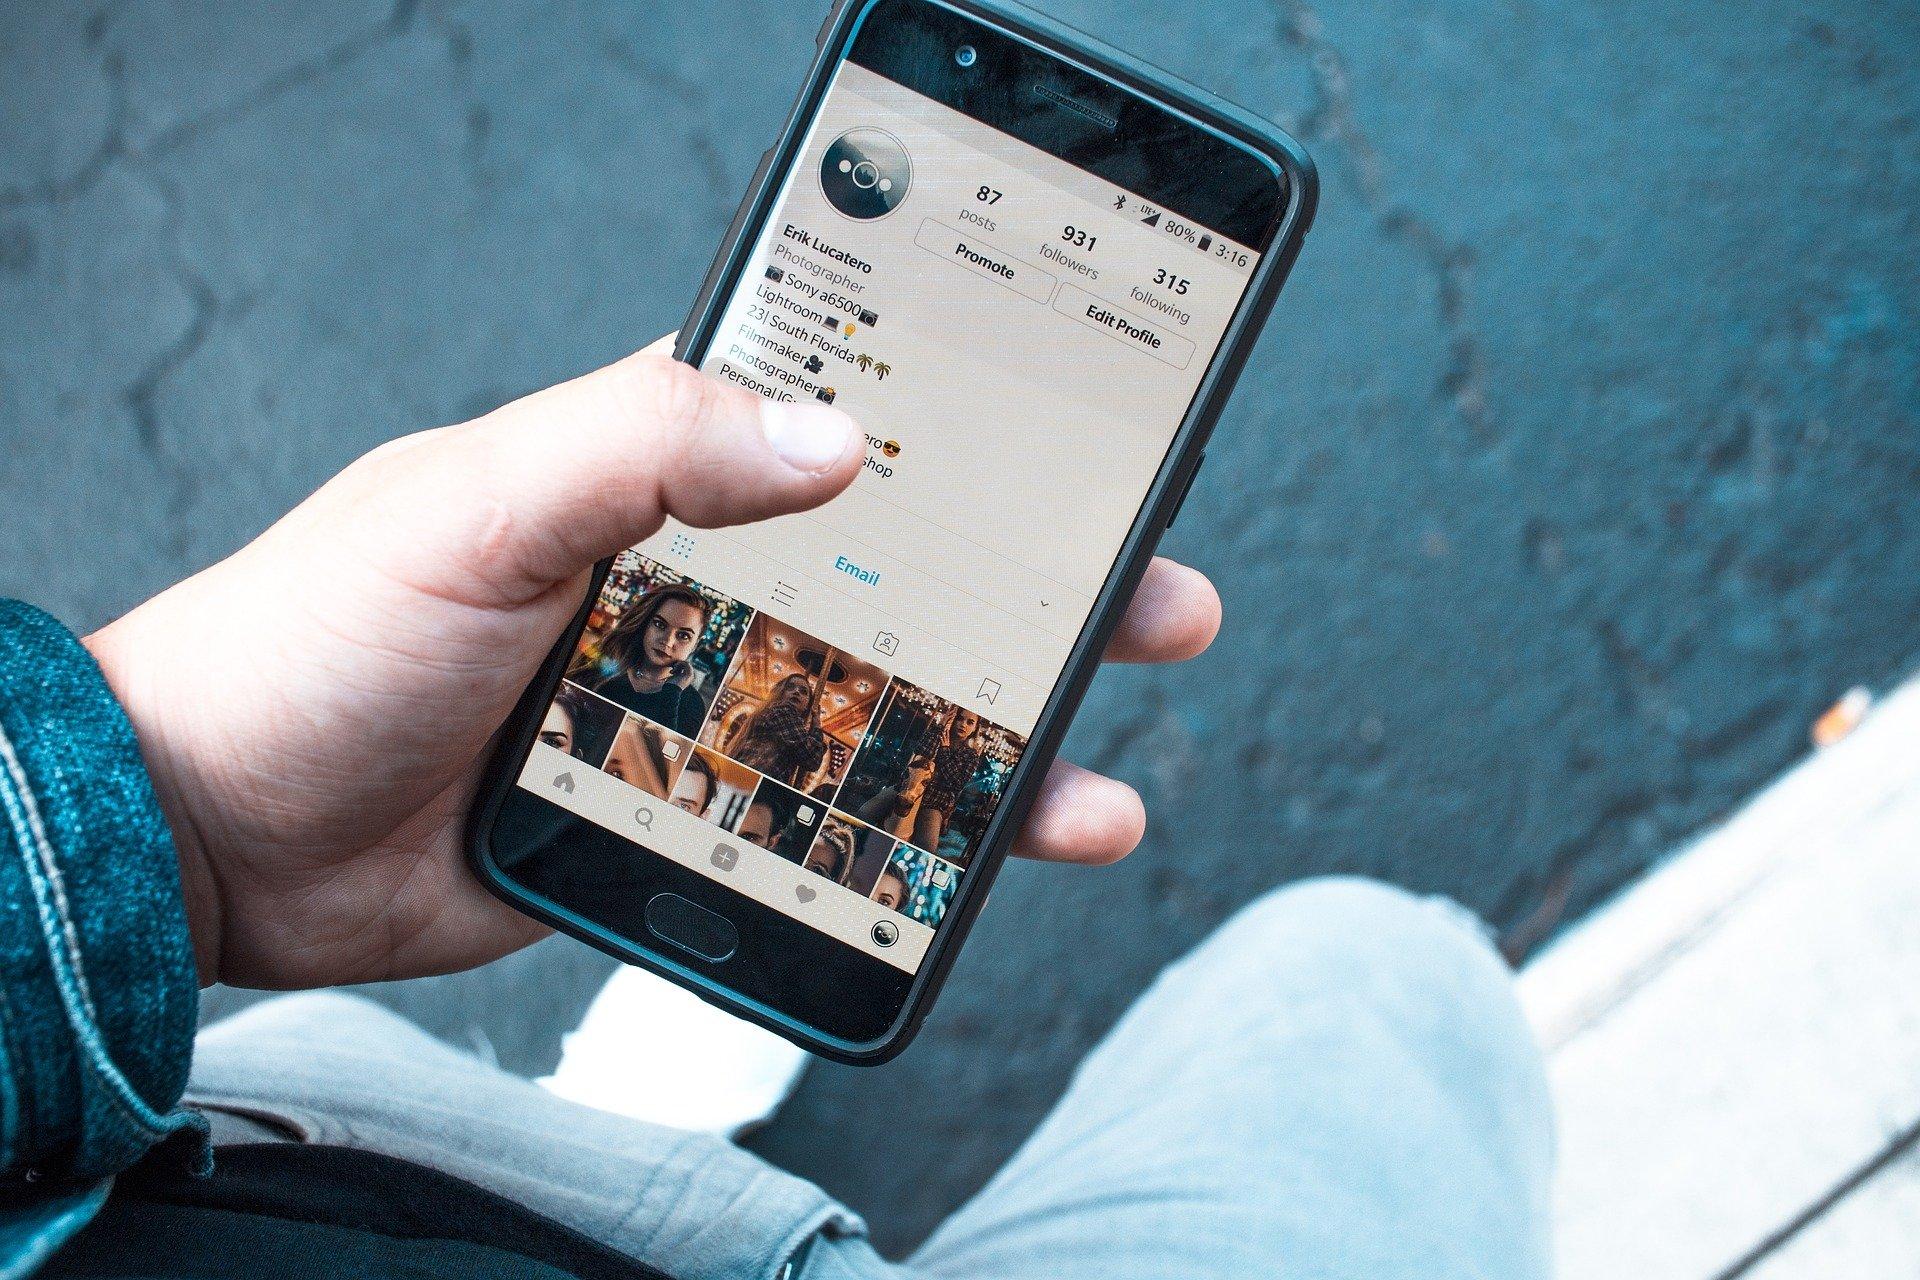 Jak často jste na sociálních sítích?